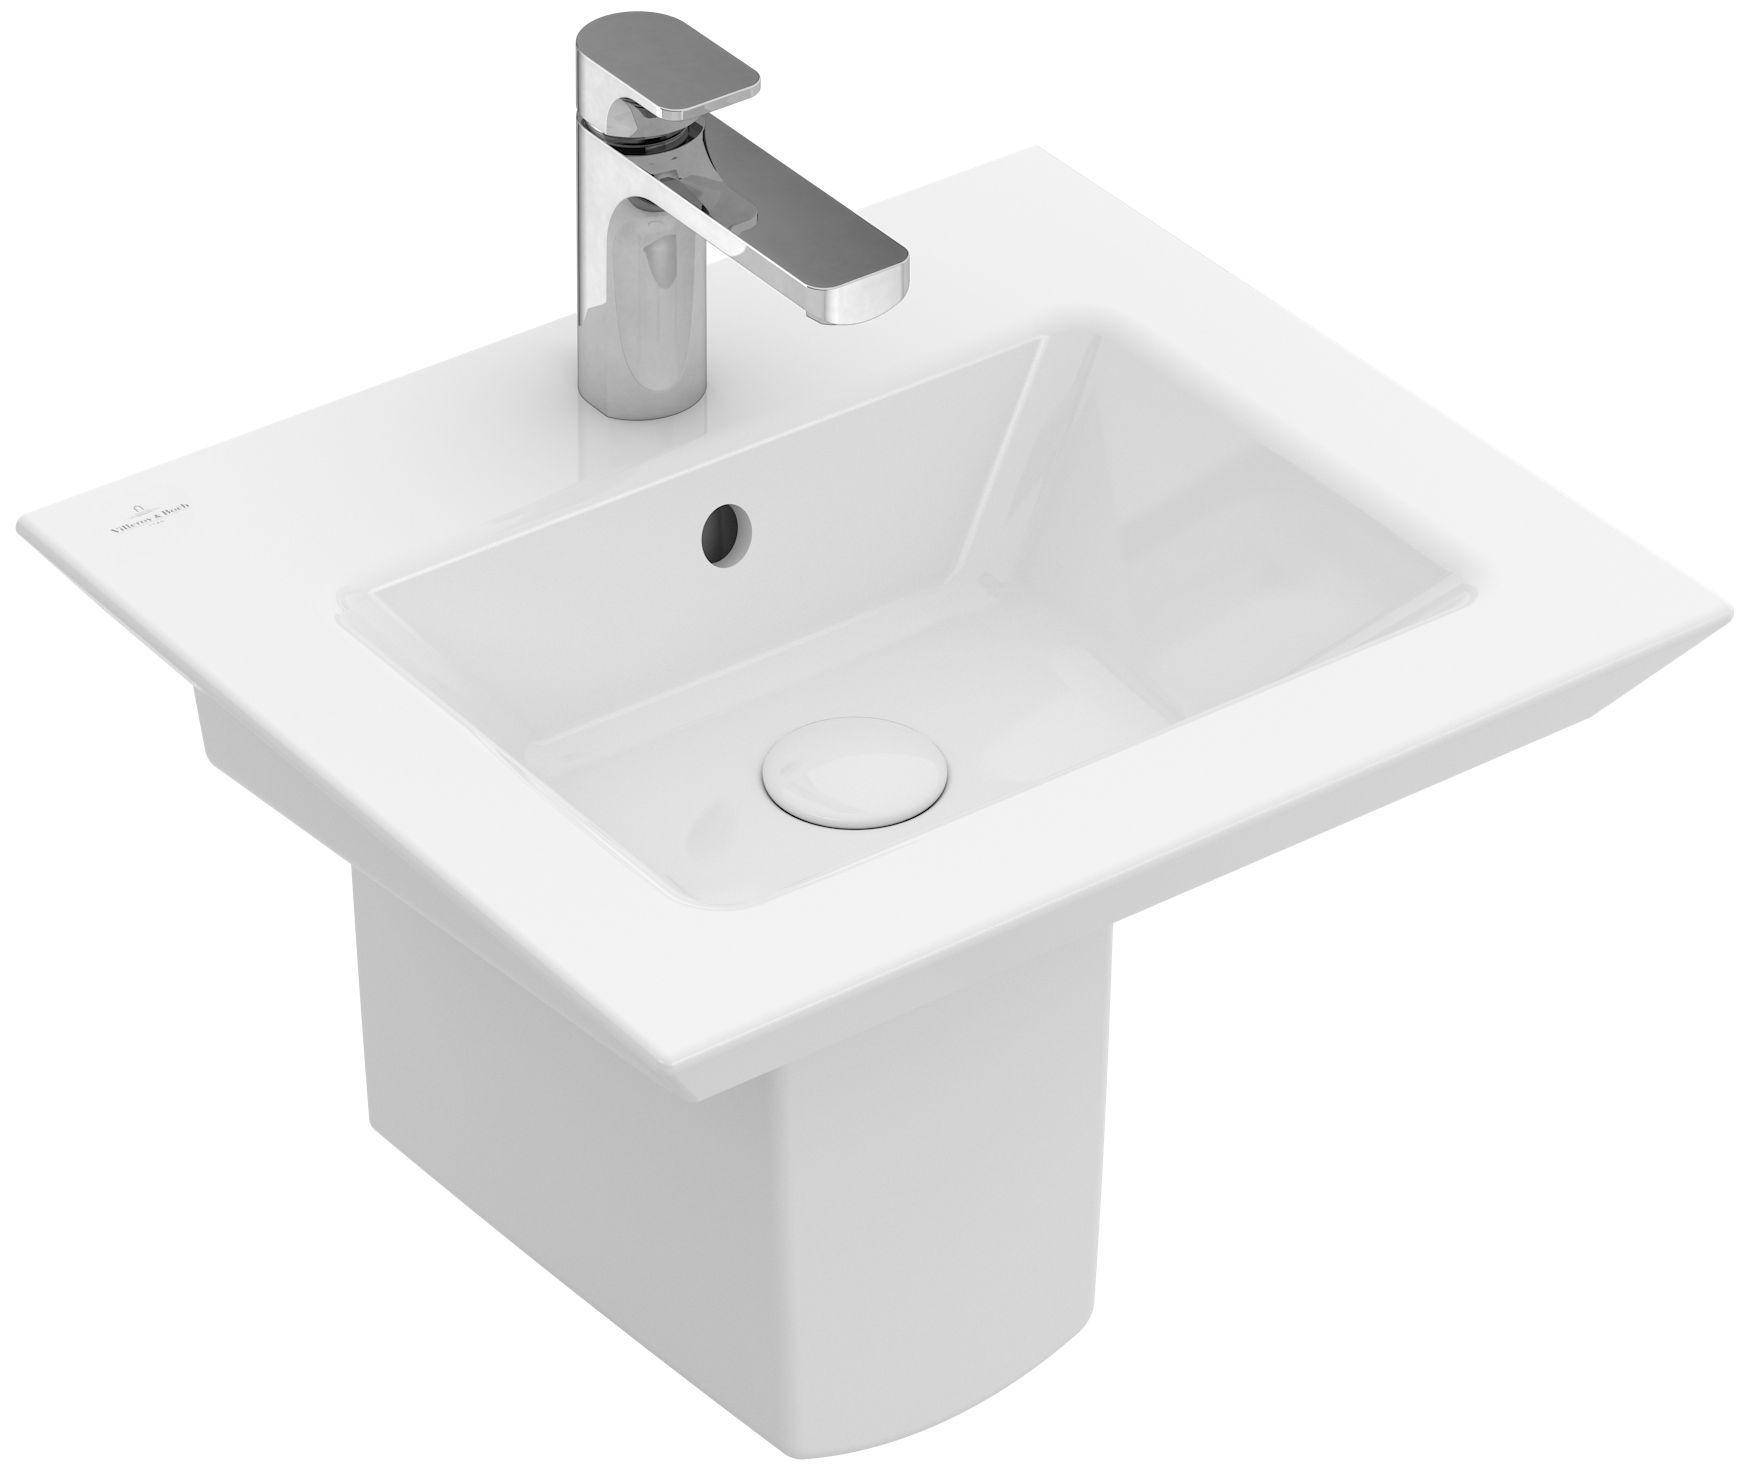 Villeroy & Boch Sentique Ablaufhaube weiß mit ceramicplus 522200R1